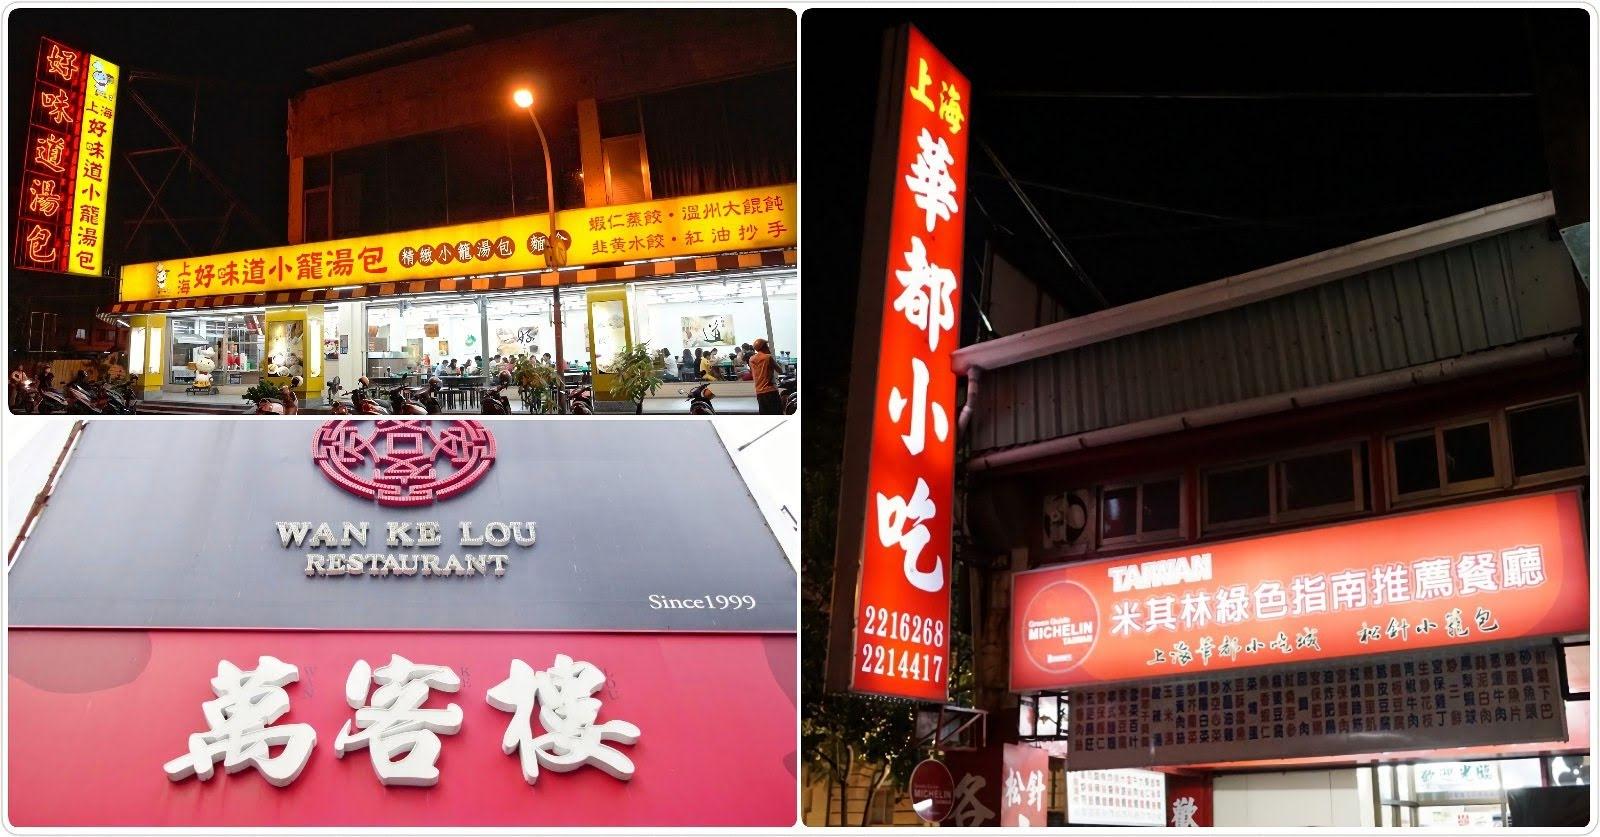 台南沒有知名的小籠包? 網友激辯列清單